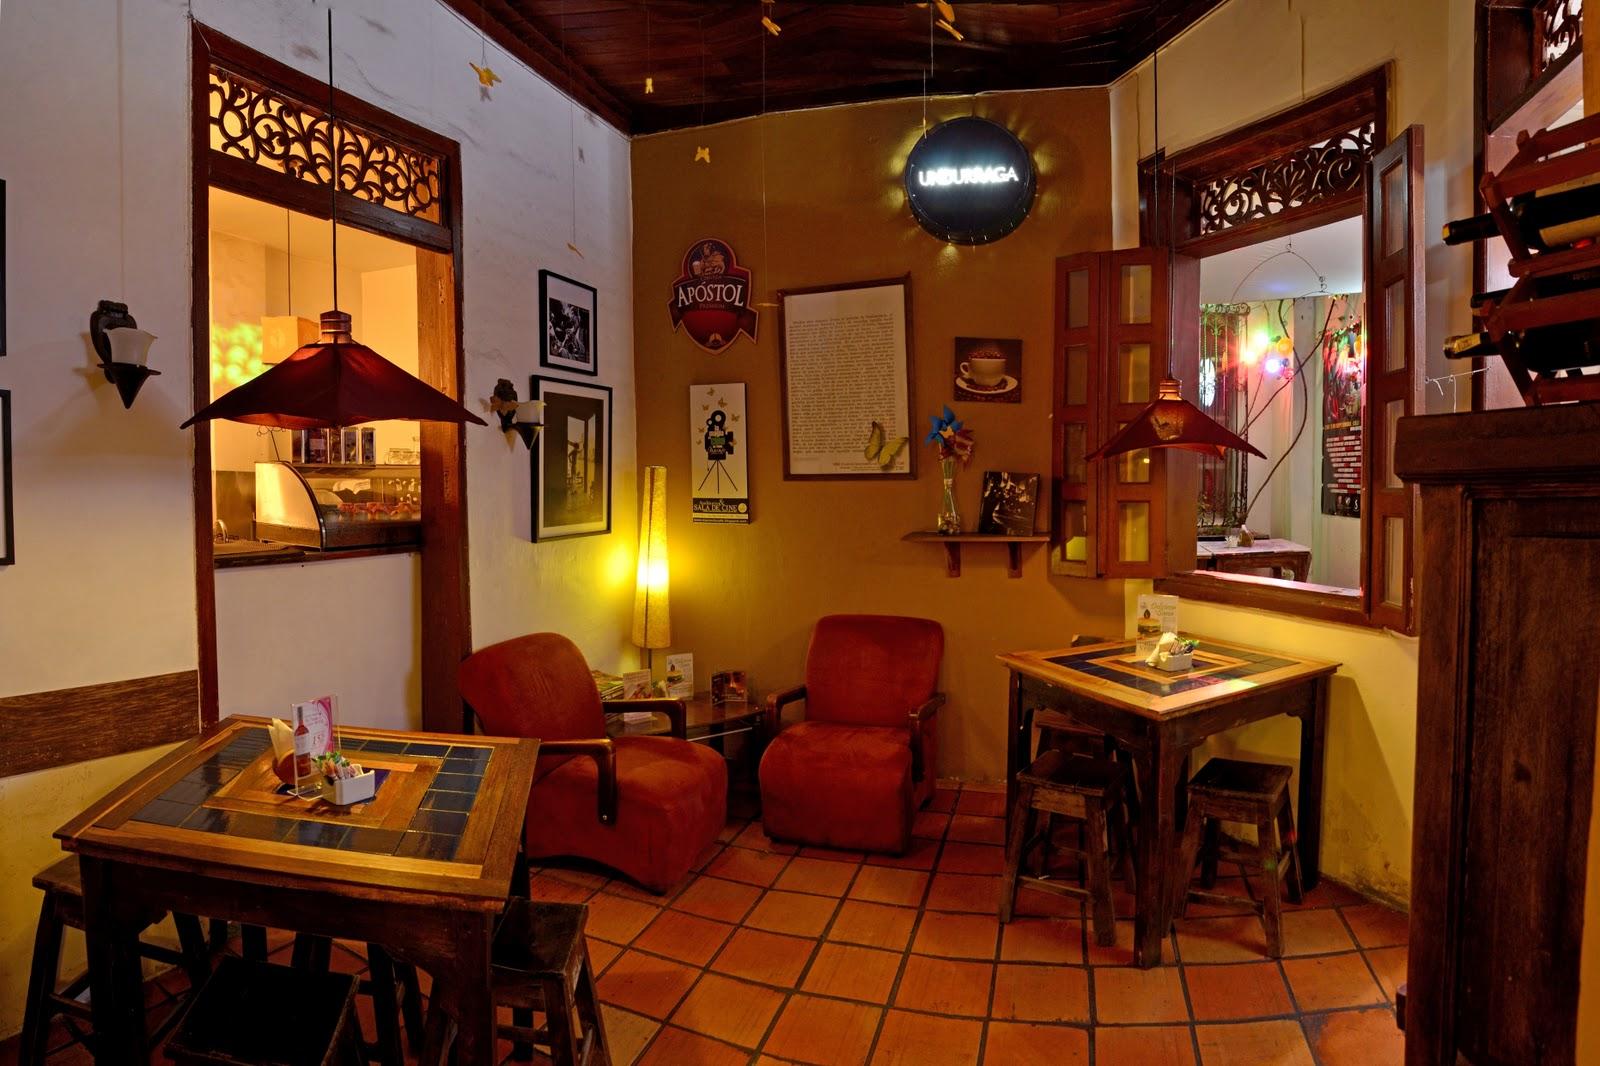 Caf macondo nuestras instalaciones for Decoracion de unas cafes